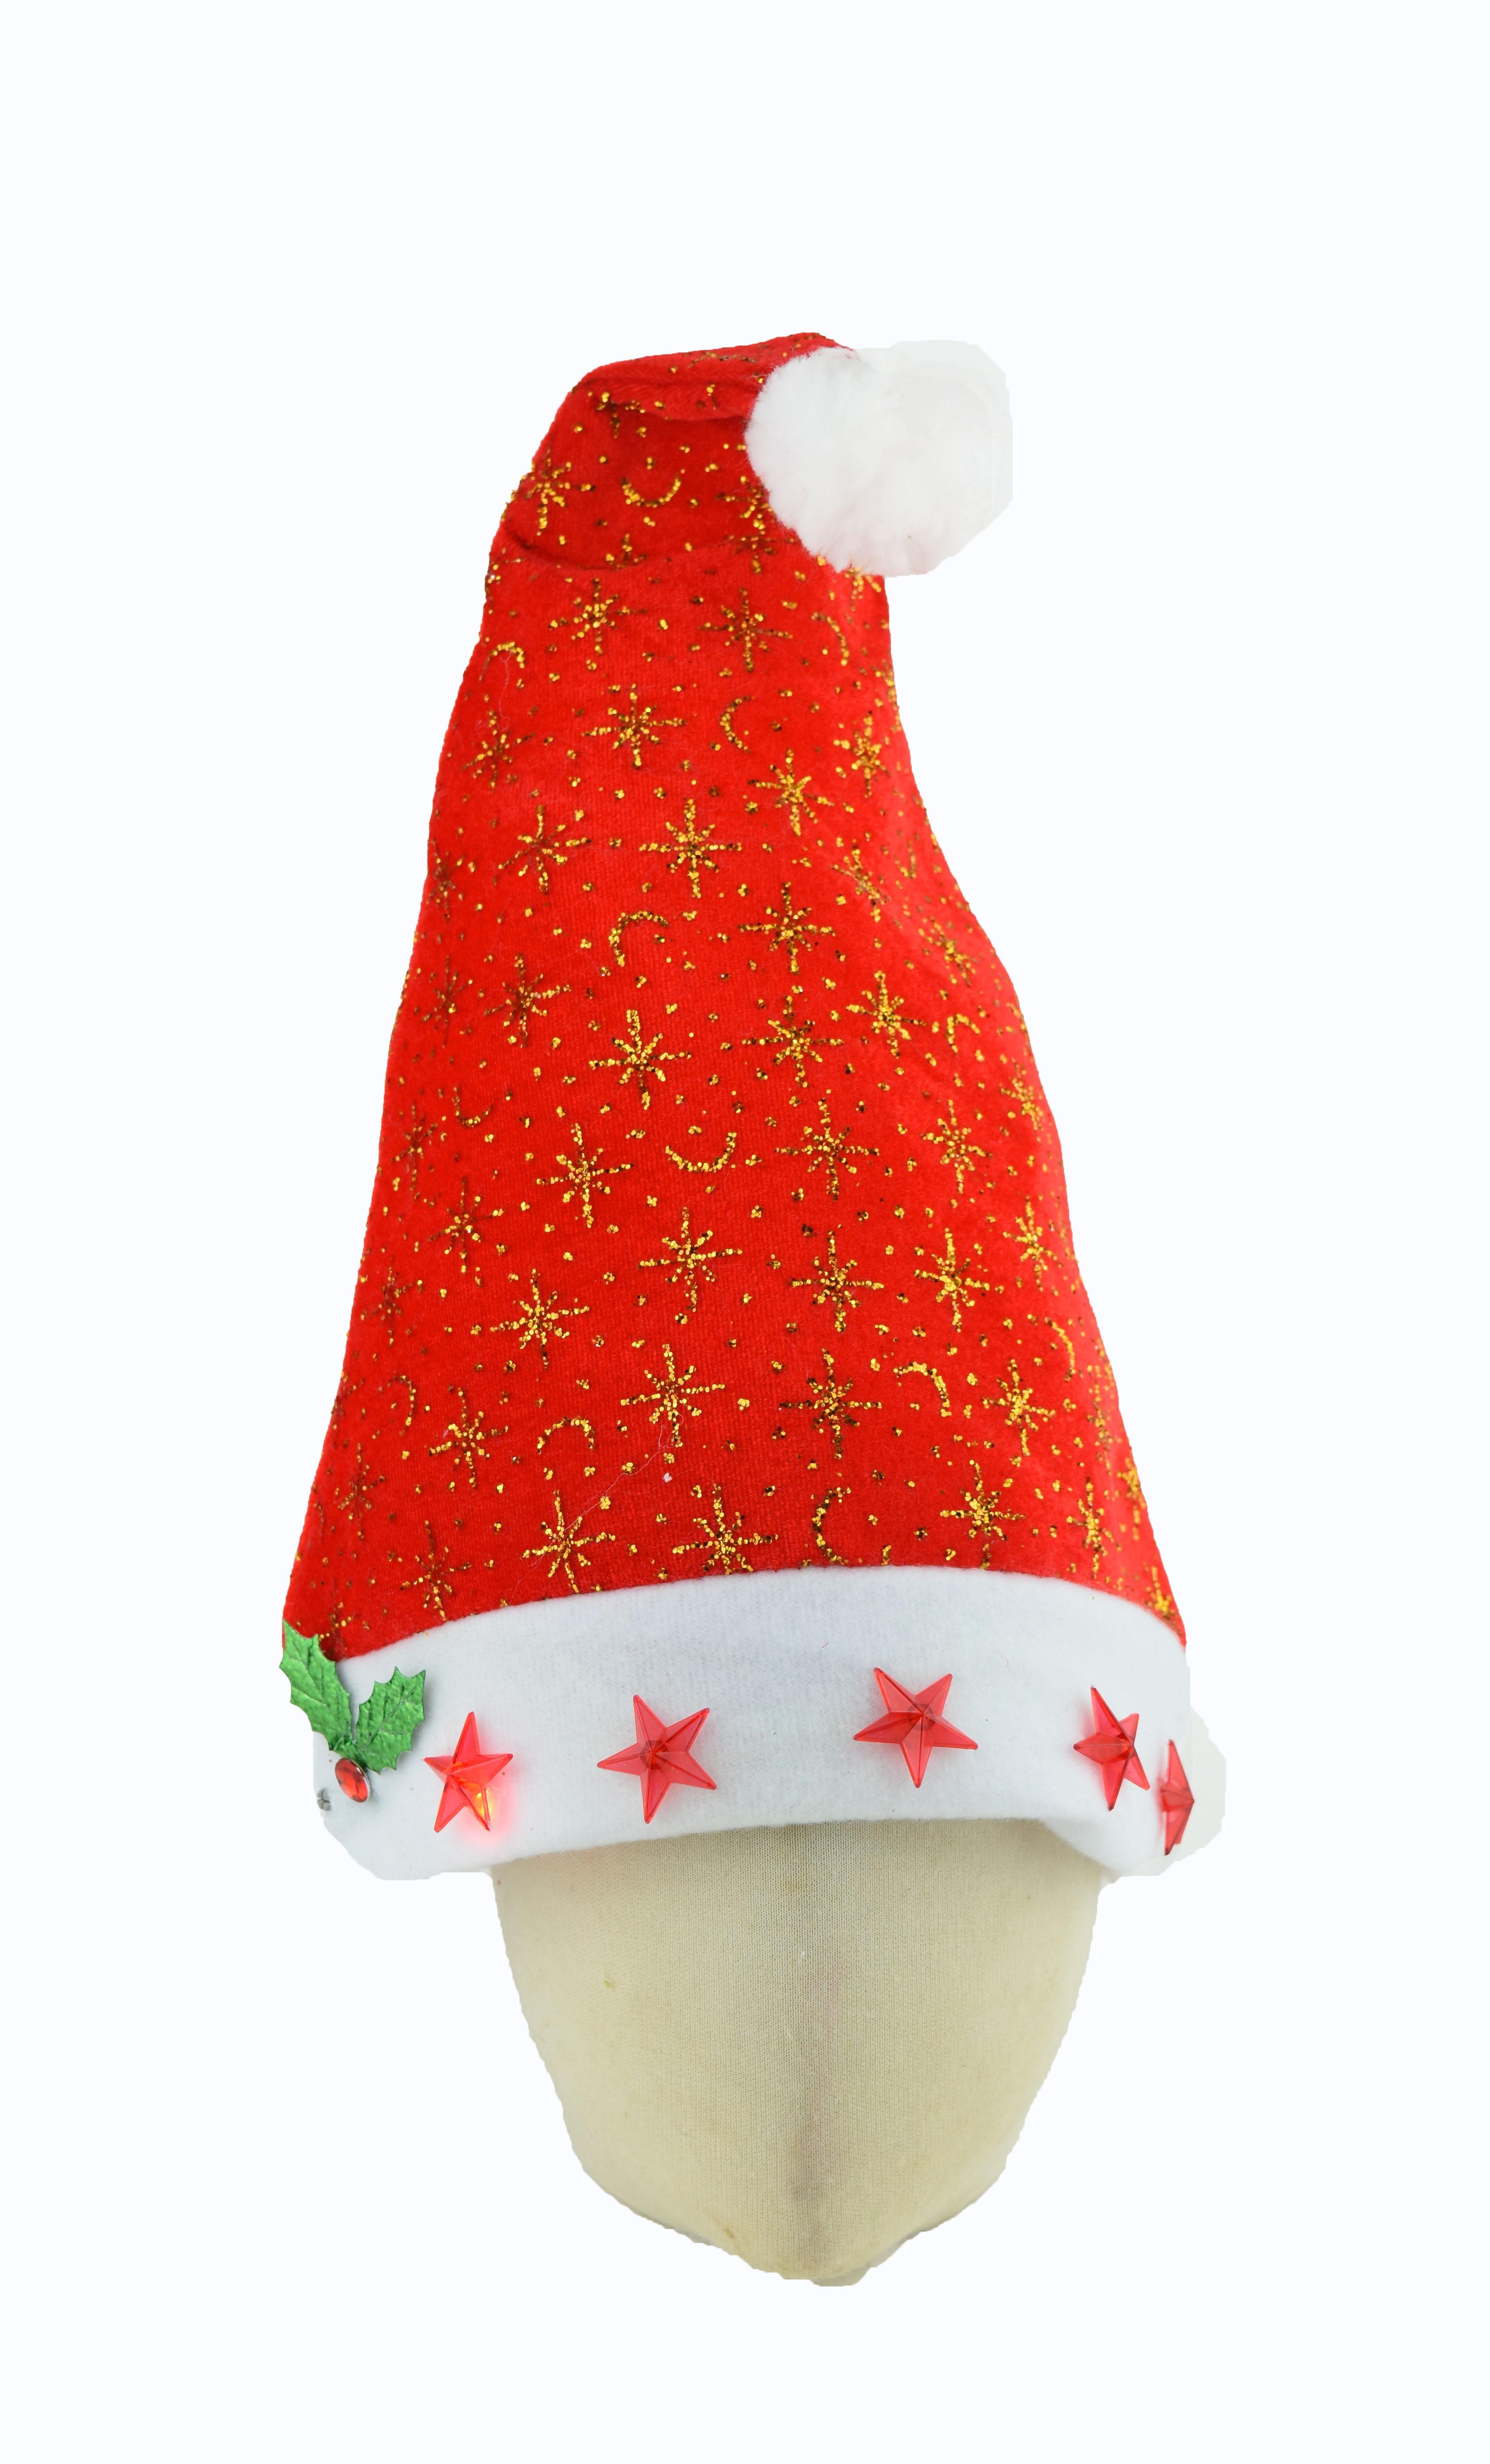 X射線【X294075】閃燈裝飾聖誕帽,聖誕節/派對用品/舞會道具/cosplay/角色扮演/麋鹿/表演/情趣/園遊會/校慶